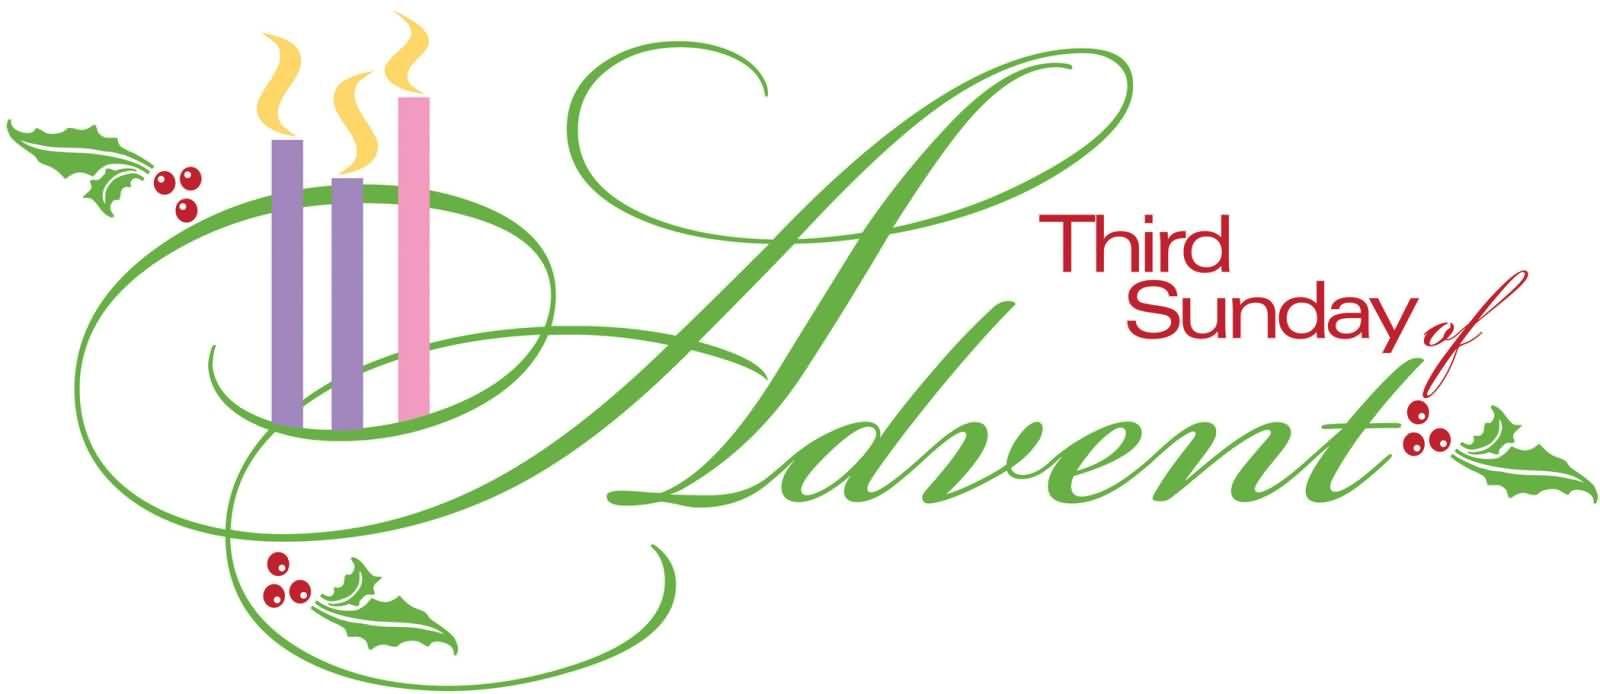 Third Sunday Of Advent.